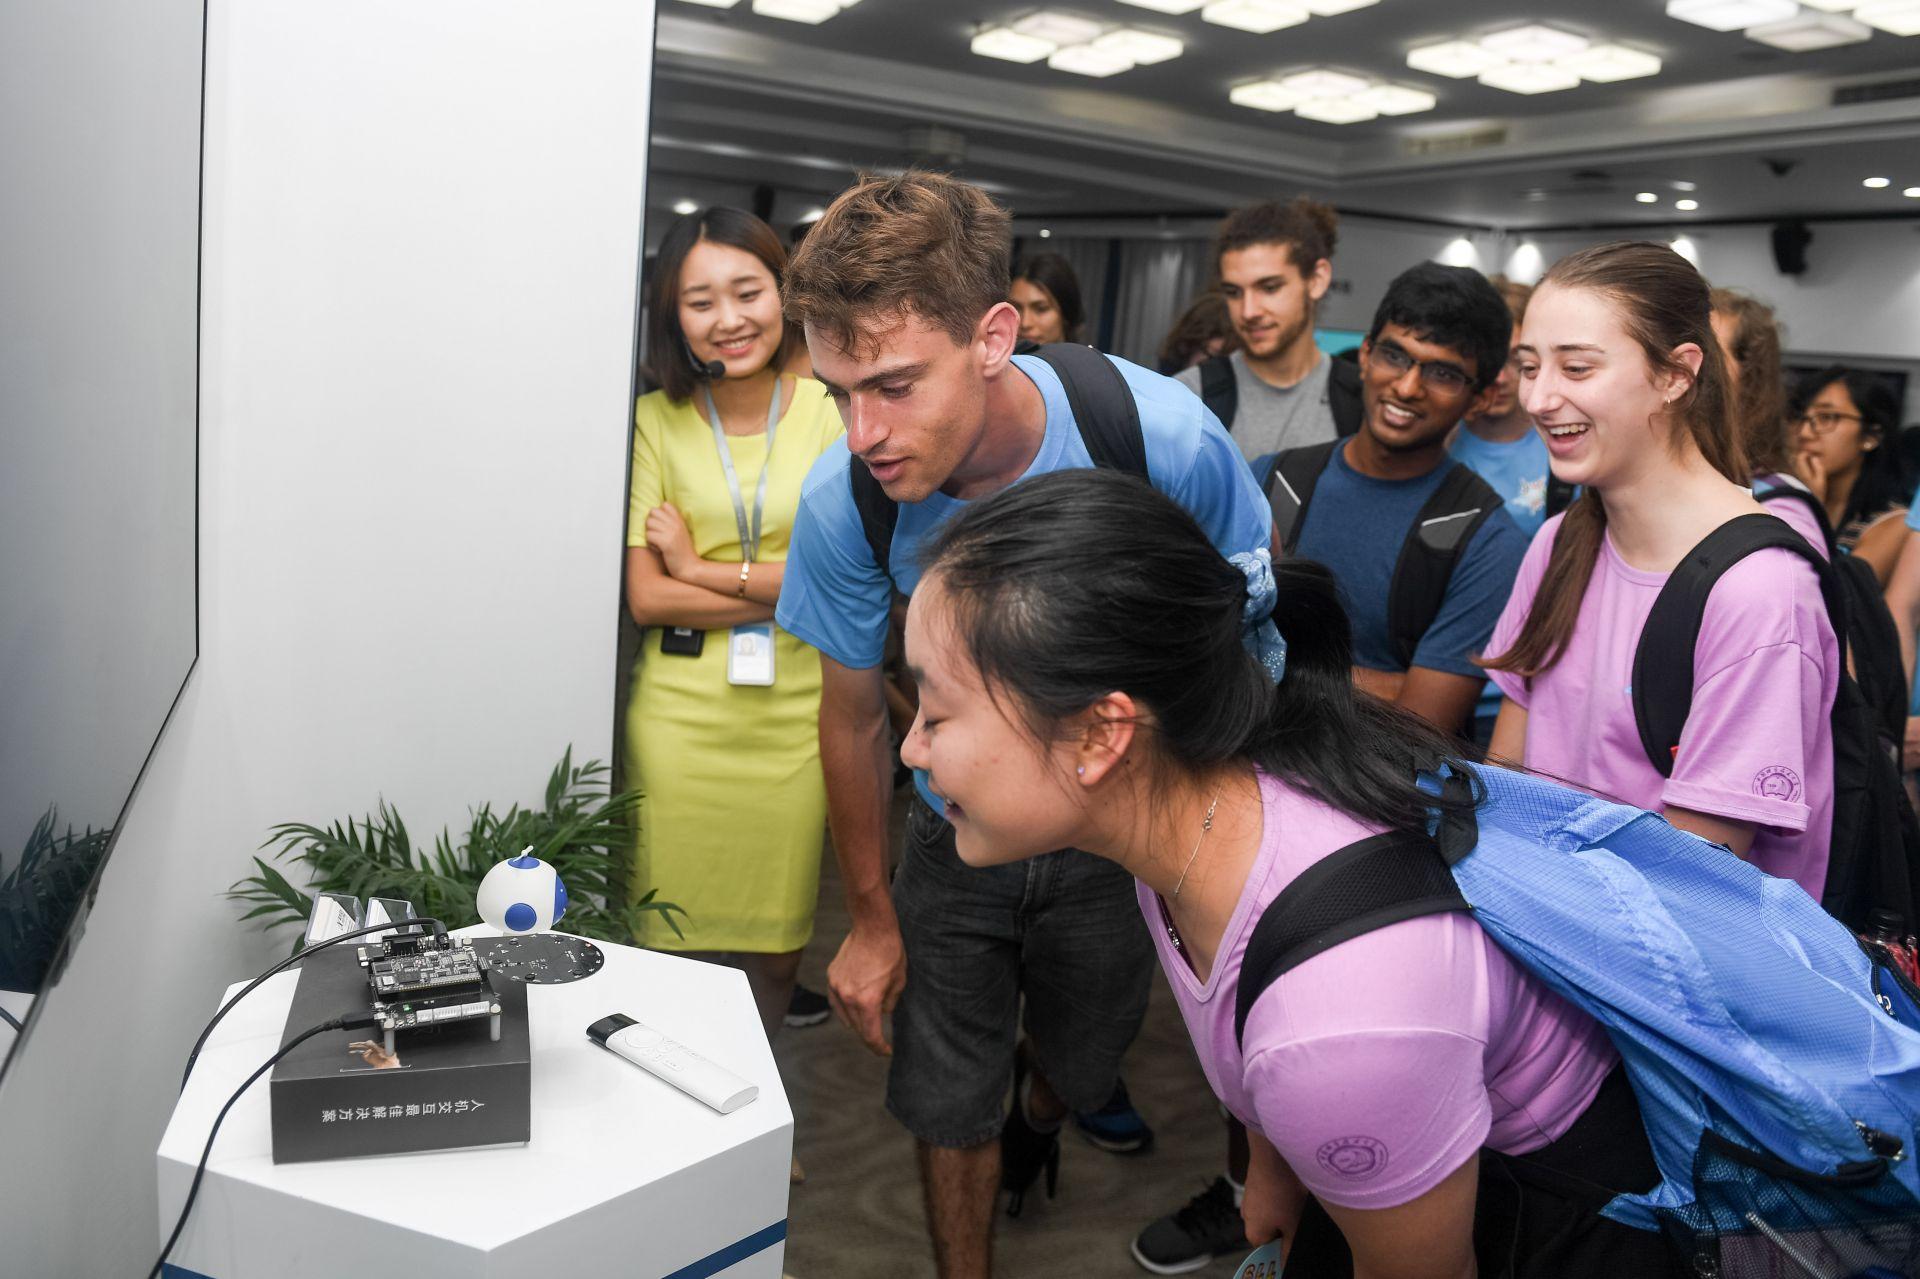 科大讯飞:人工智能产业创新发展的领航者